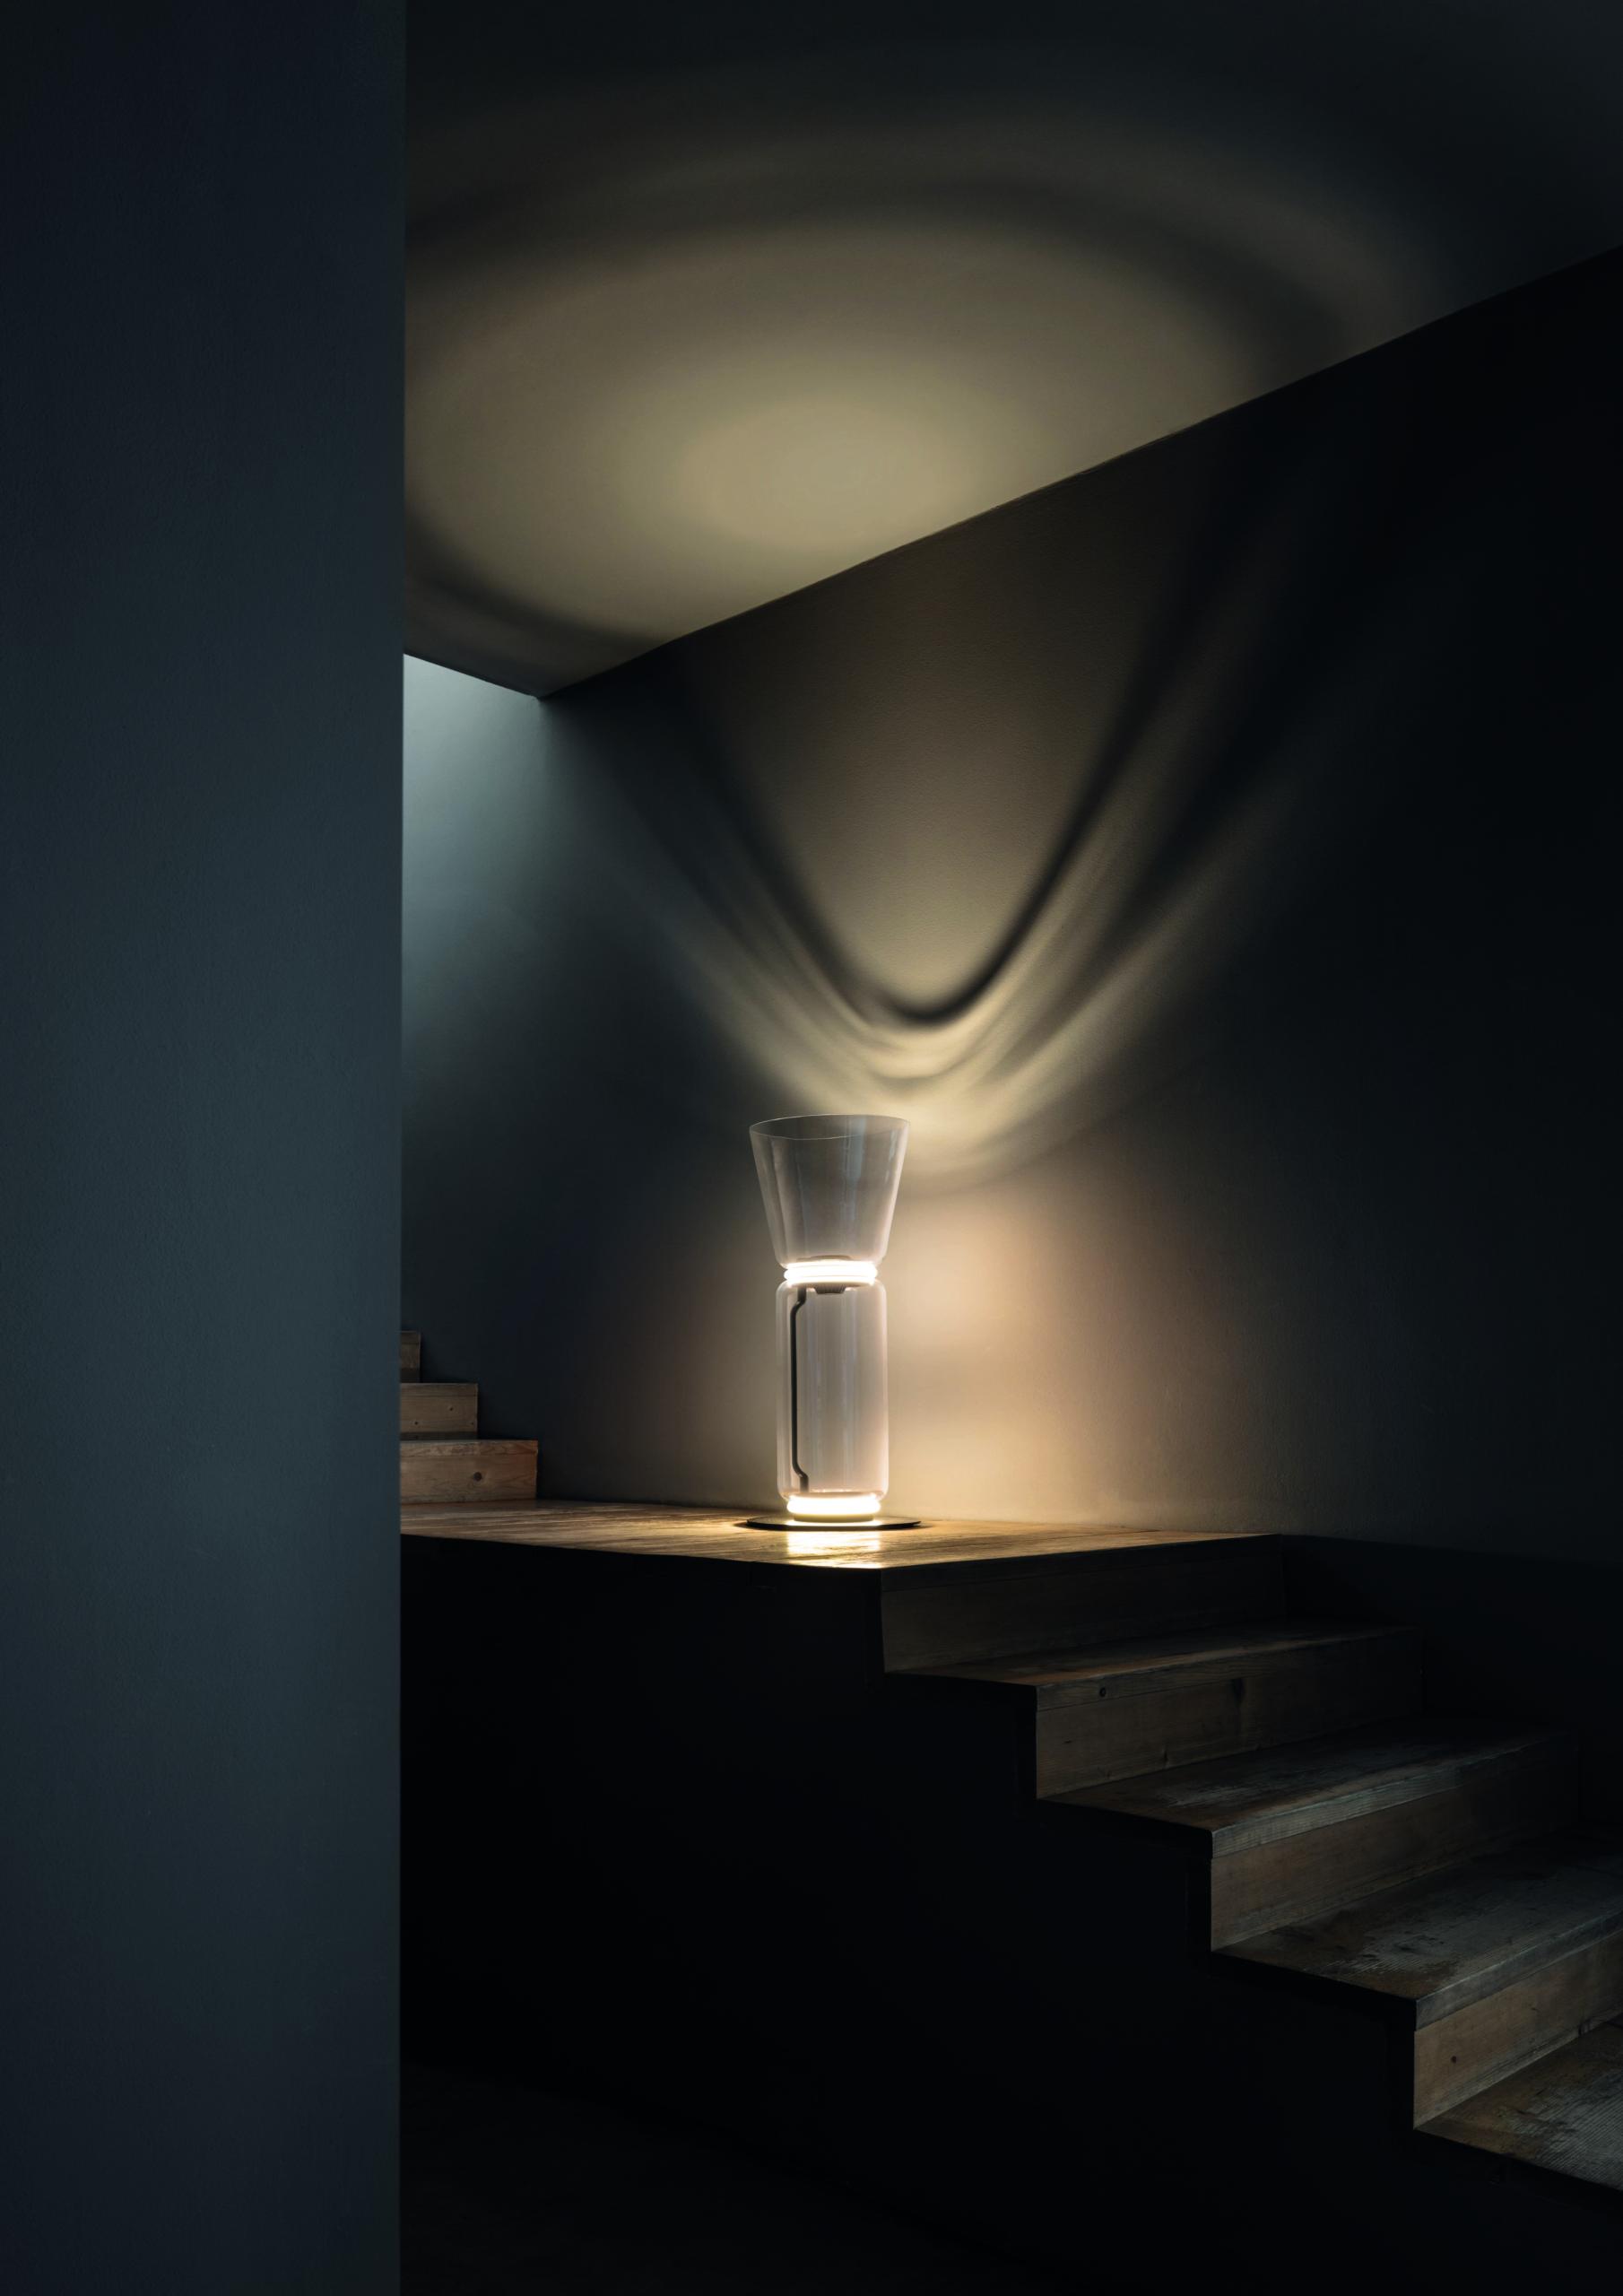 Tischleuchte NOCTAMBULE von Flos, Design: Konstantin Grcic